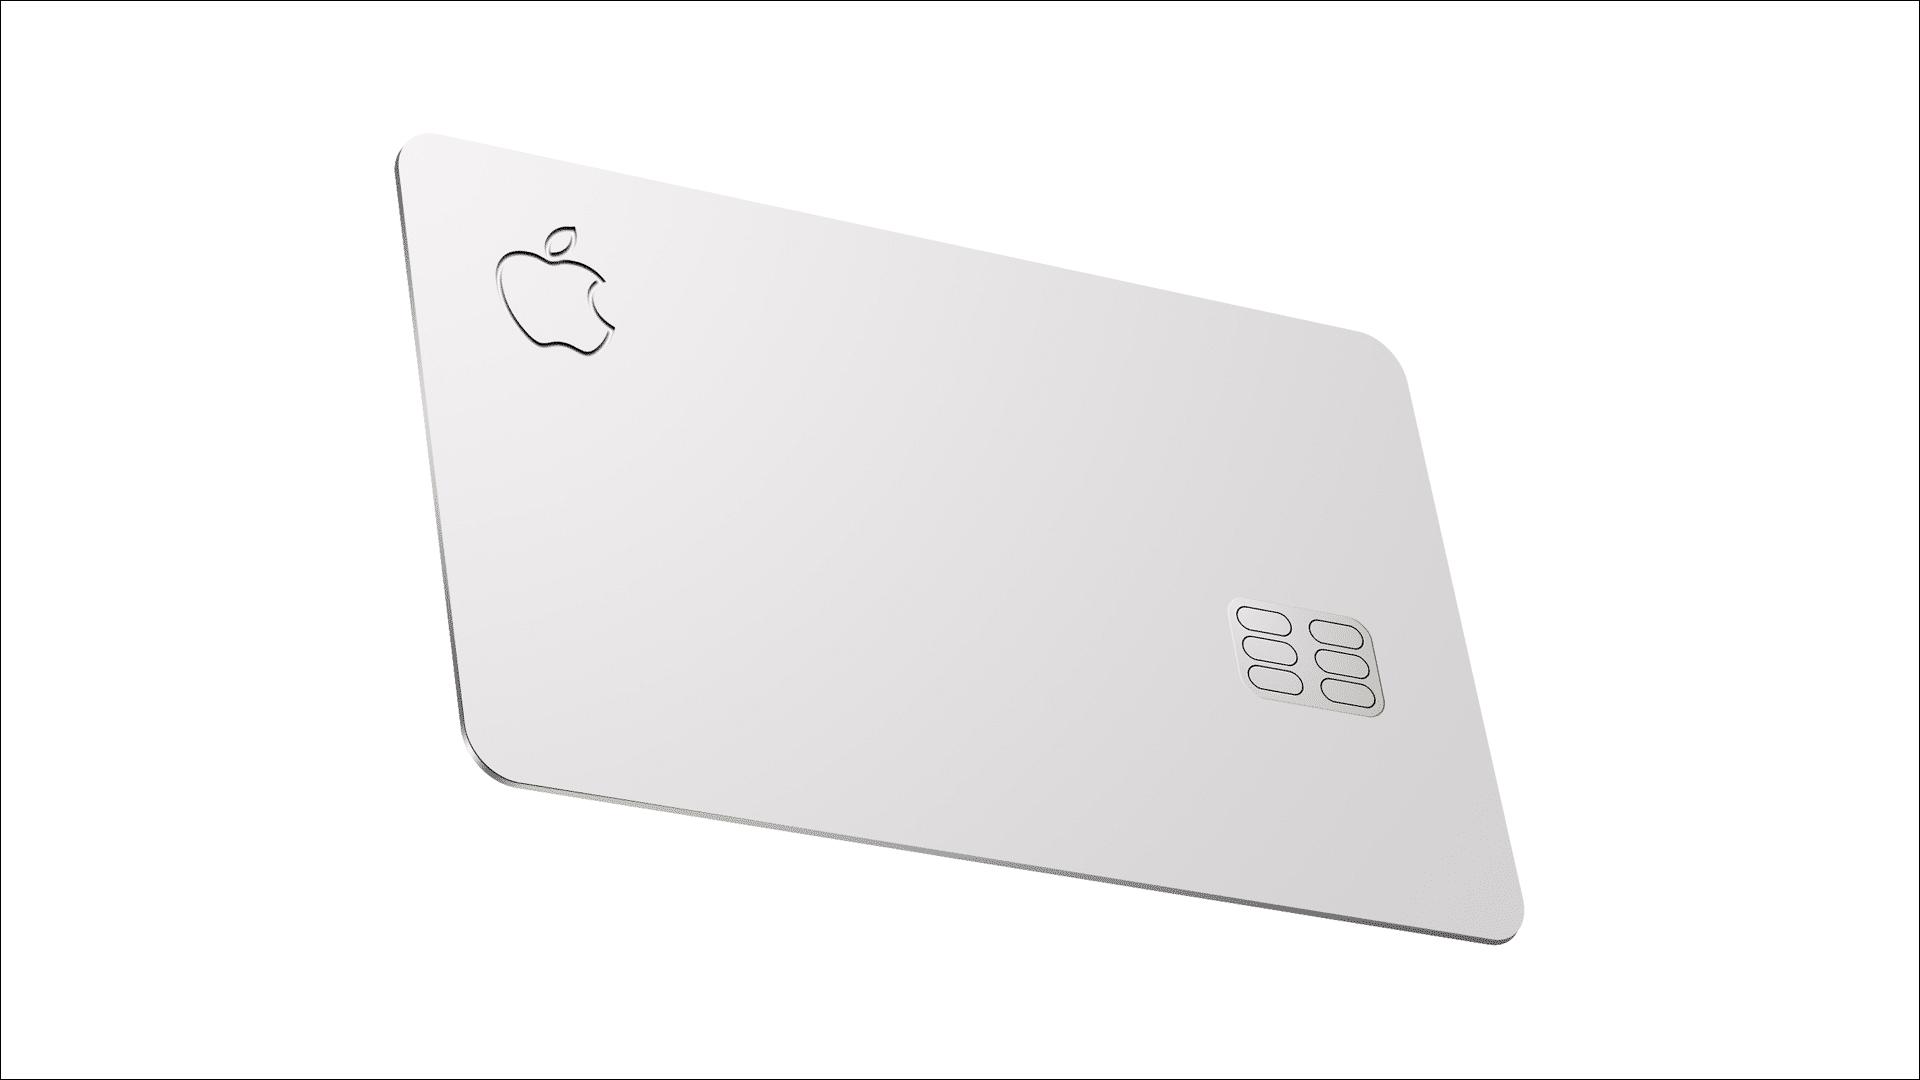 Consejos de código de iOS 14.5 «Familia de tarjetas de Apple» y función «Salud financiera inteligente» en Works